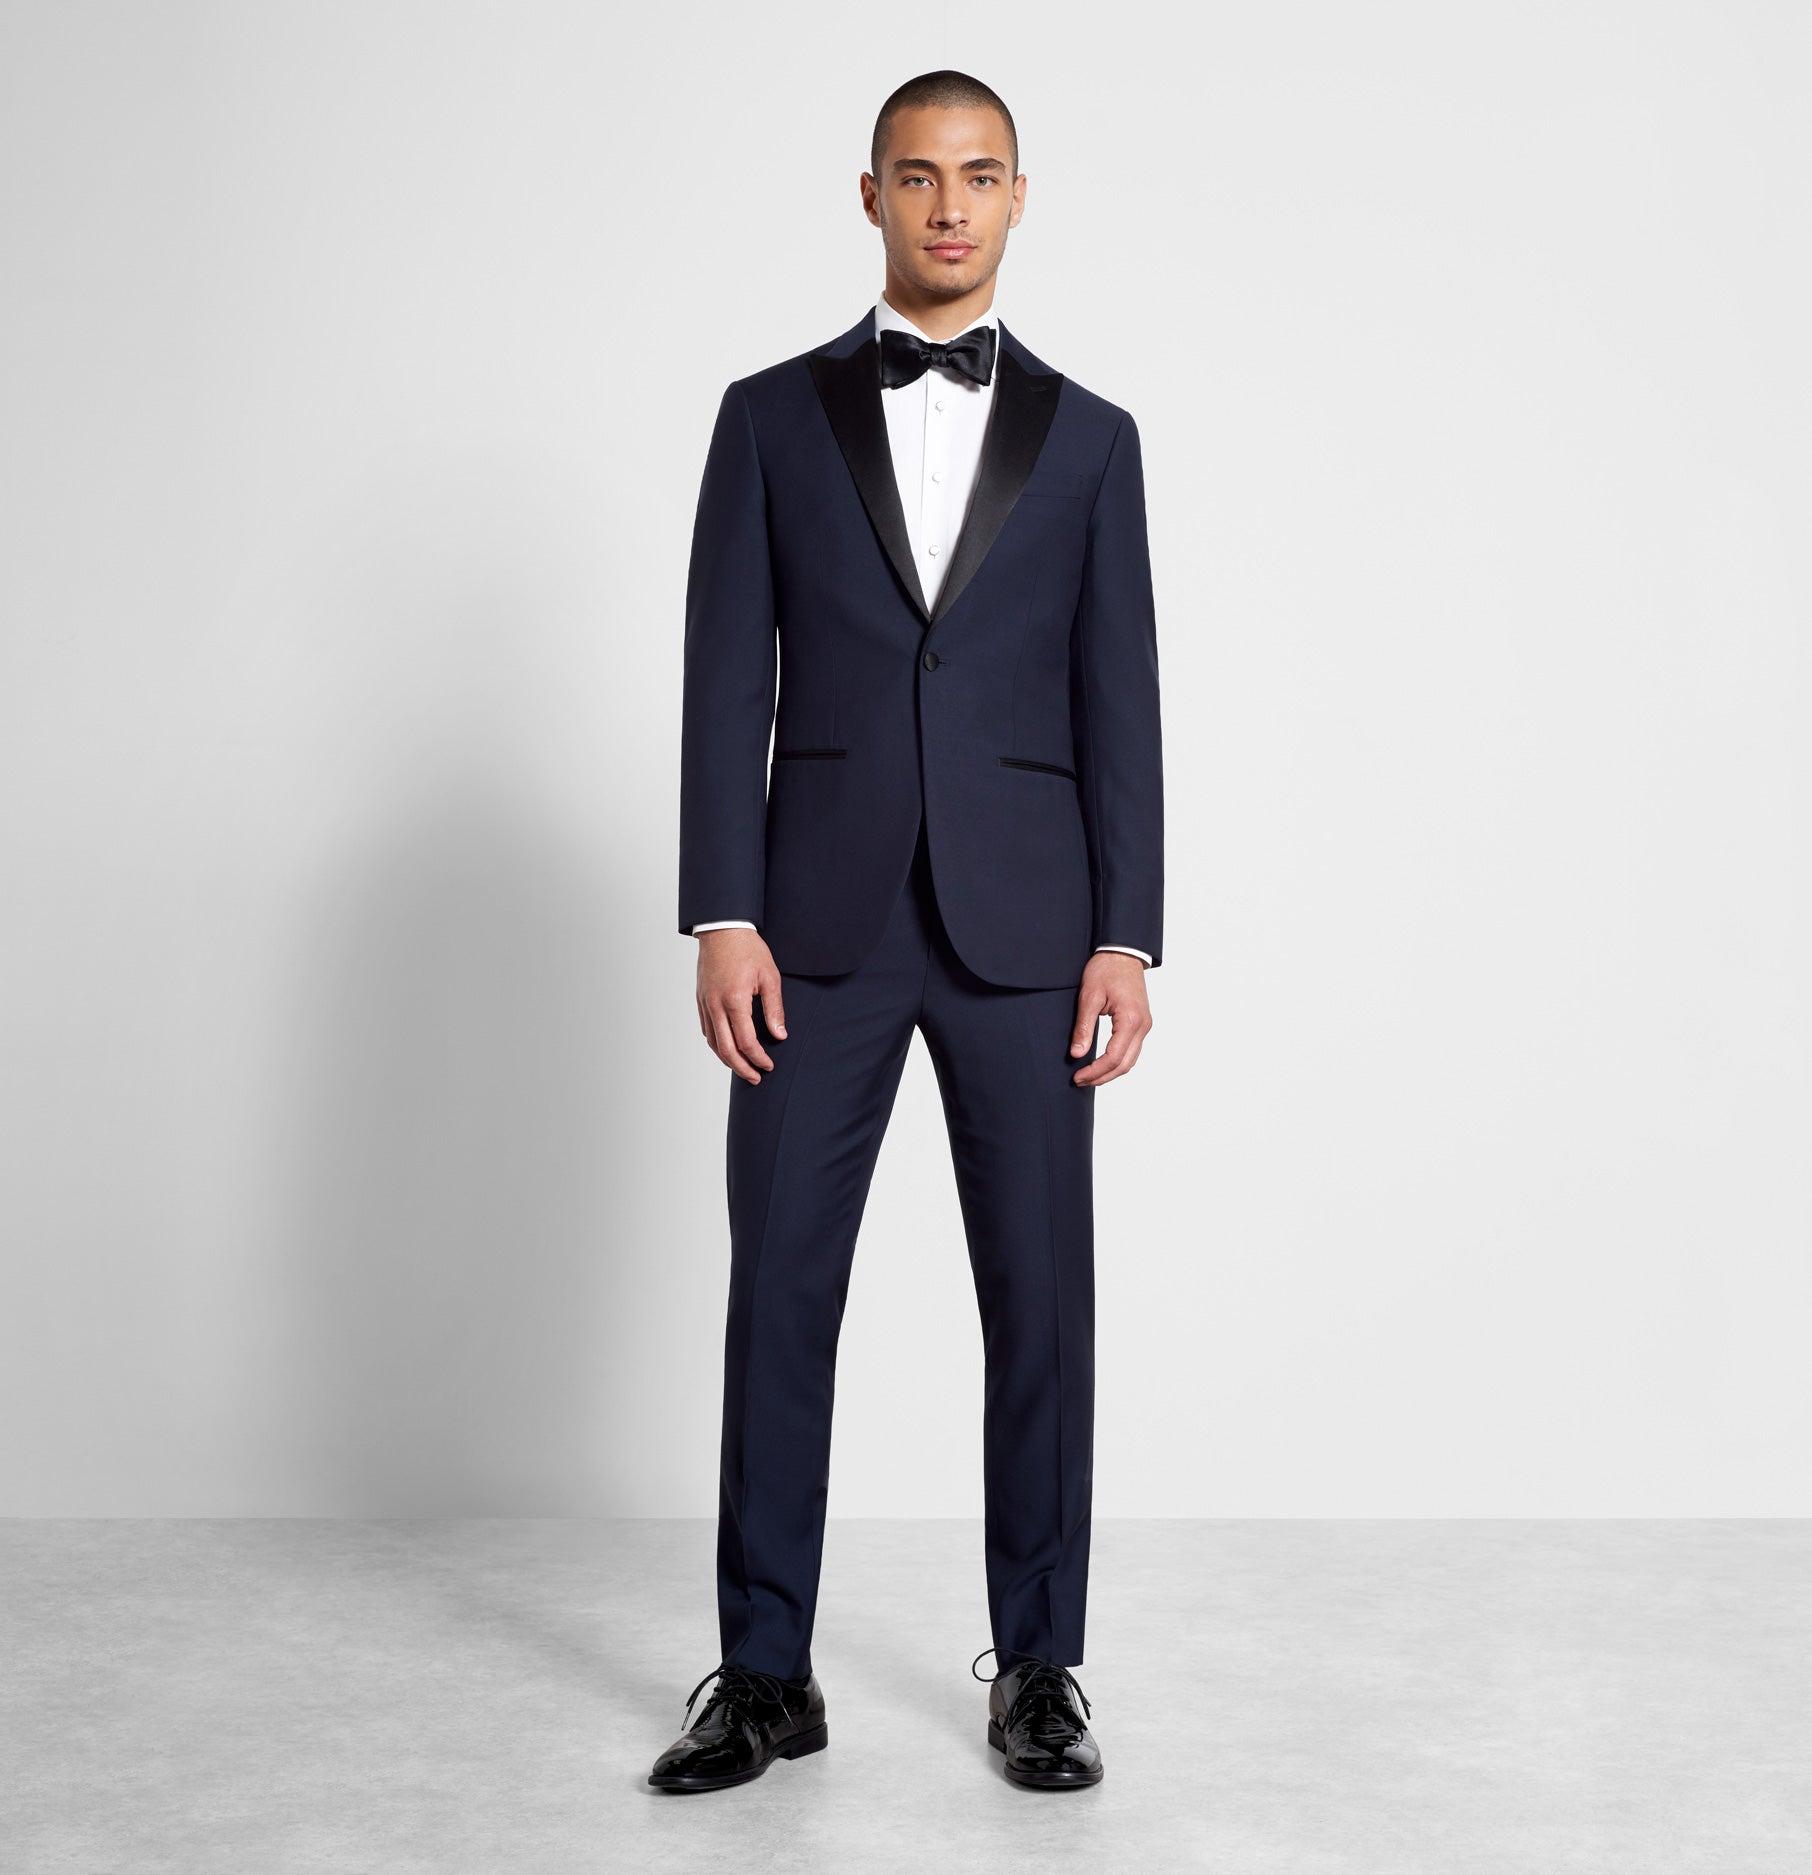 9adb5800db55 Suit & Tuxedo Rentals | The Black Tux